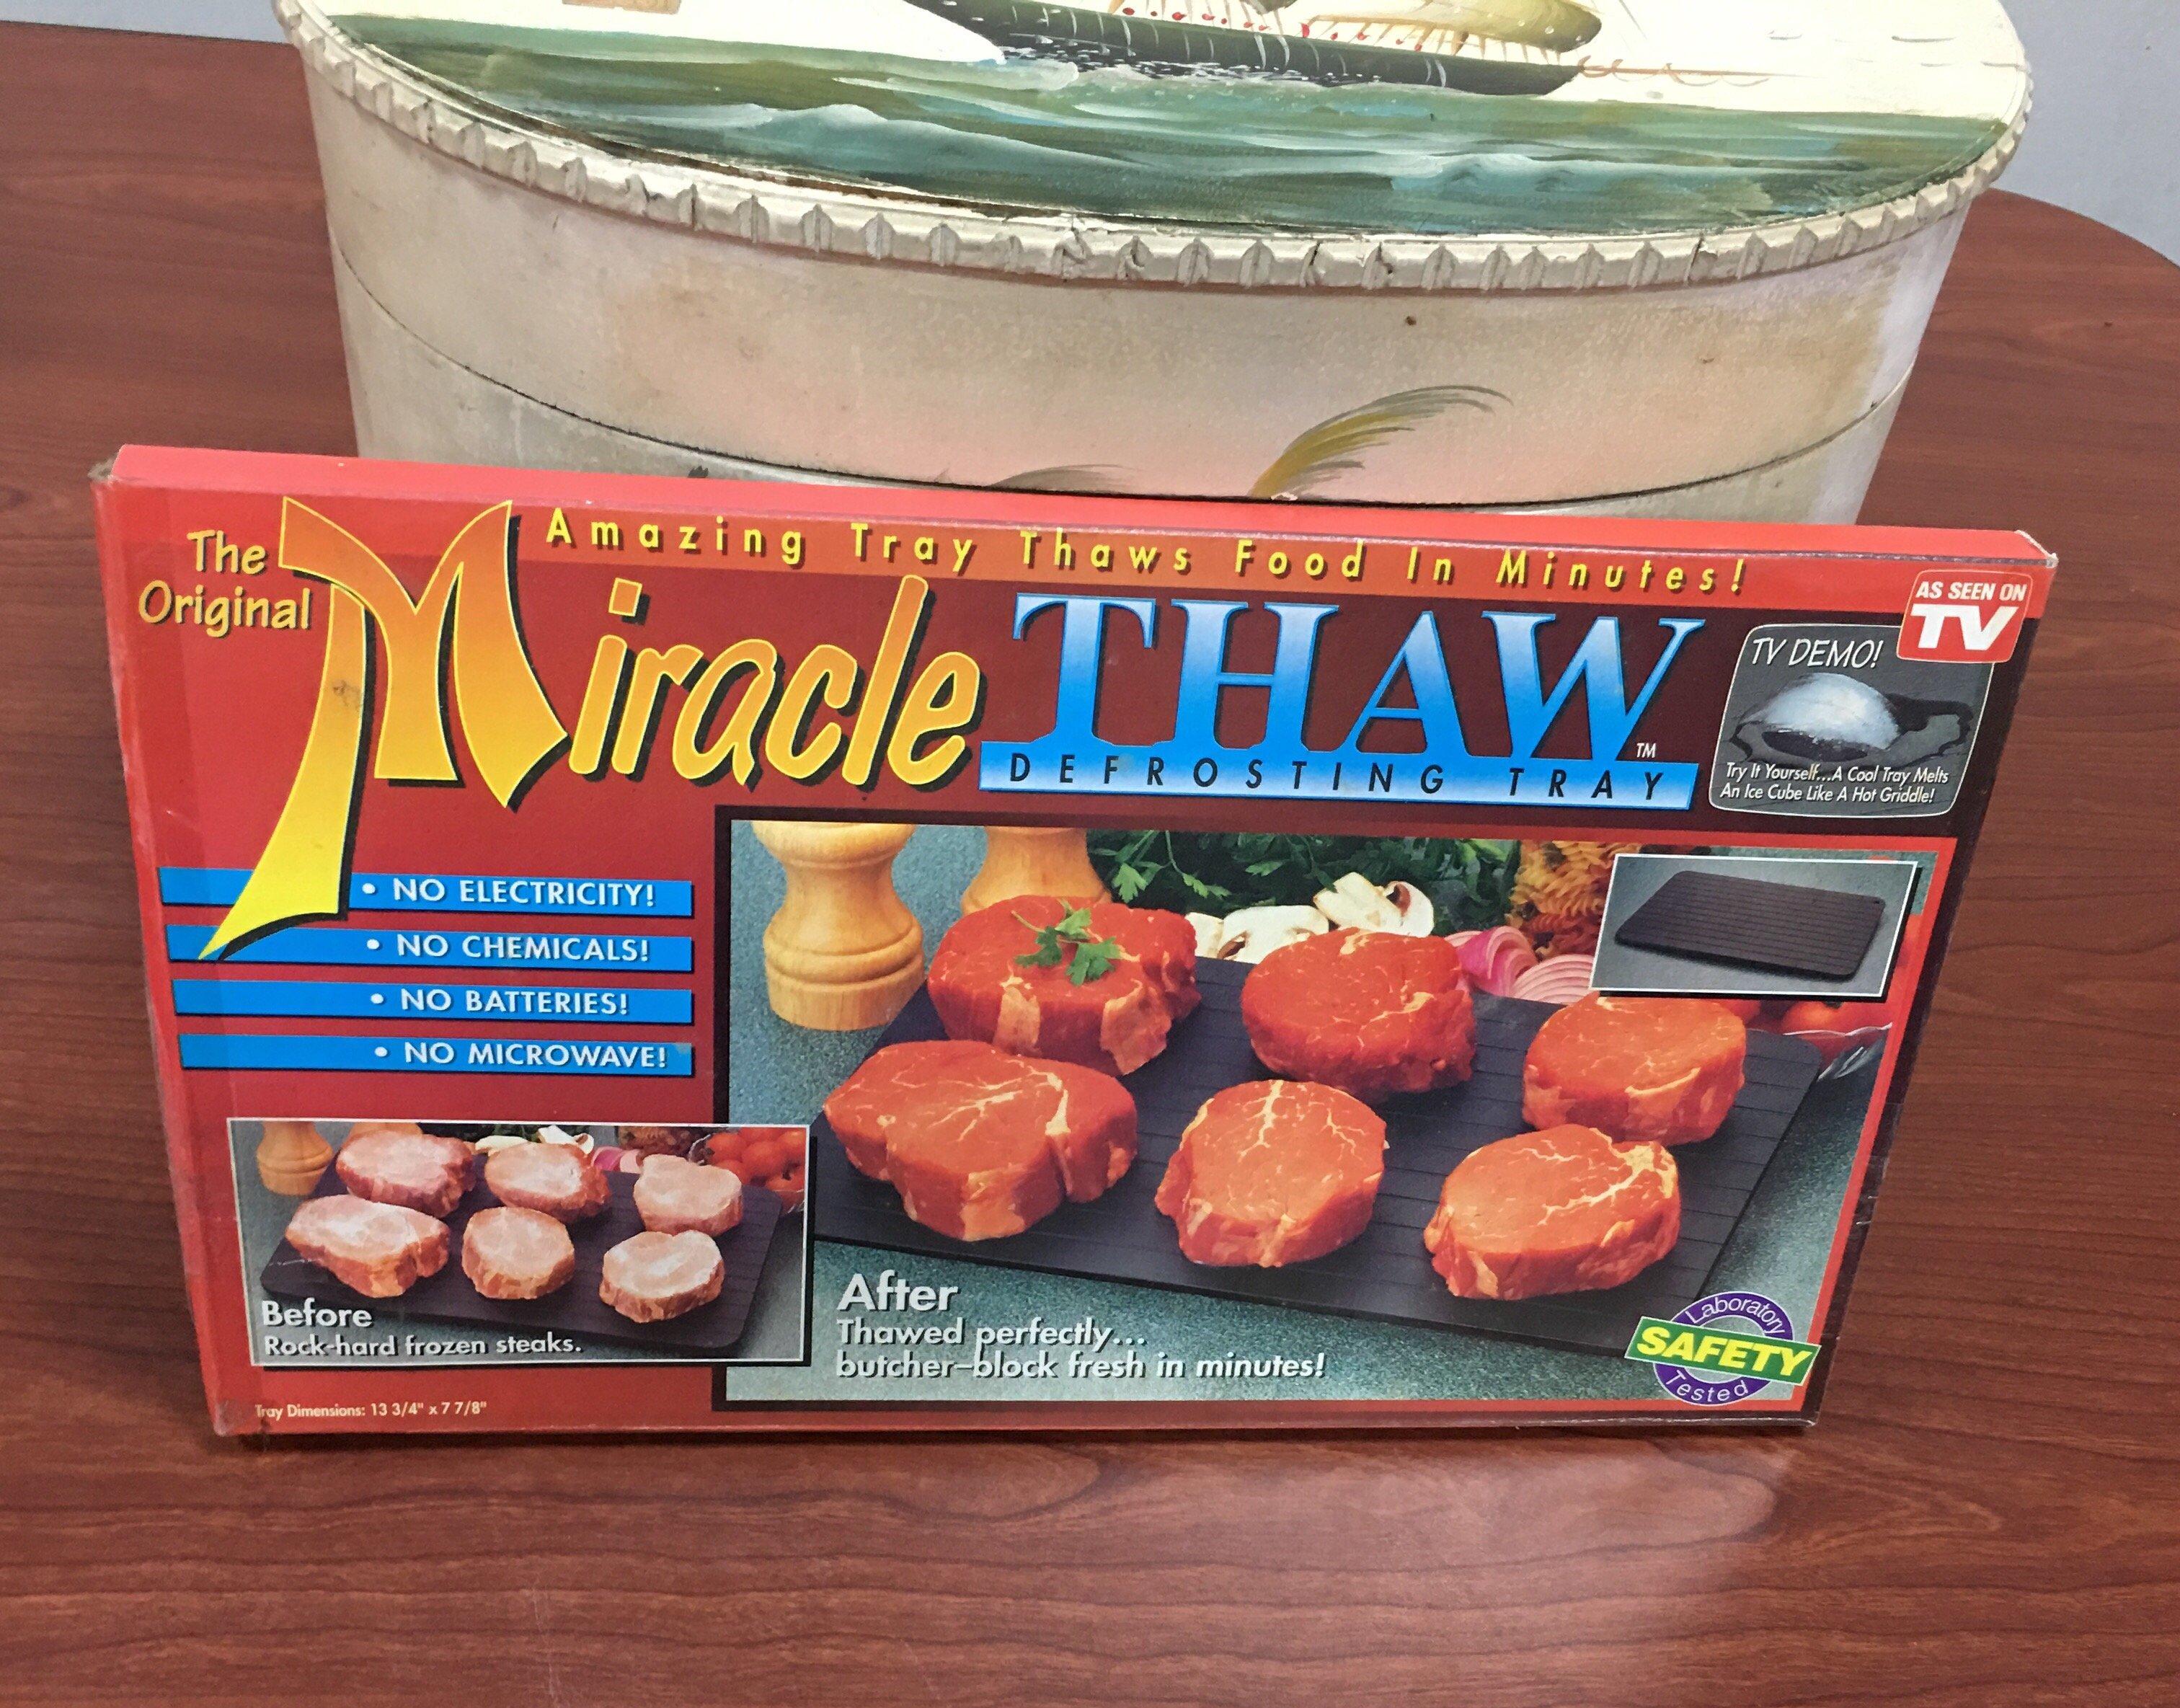 【全國二手傢俱】*新品*Mircale THAW 解凍盤/解凍板/化冰化凍肉/餐飲設備/廚房設備/二手家電/廚房用品